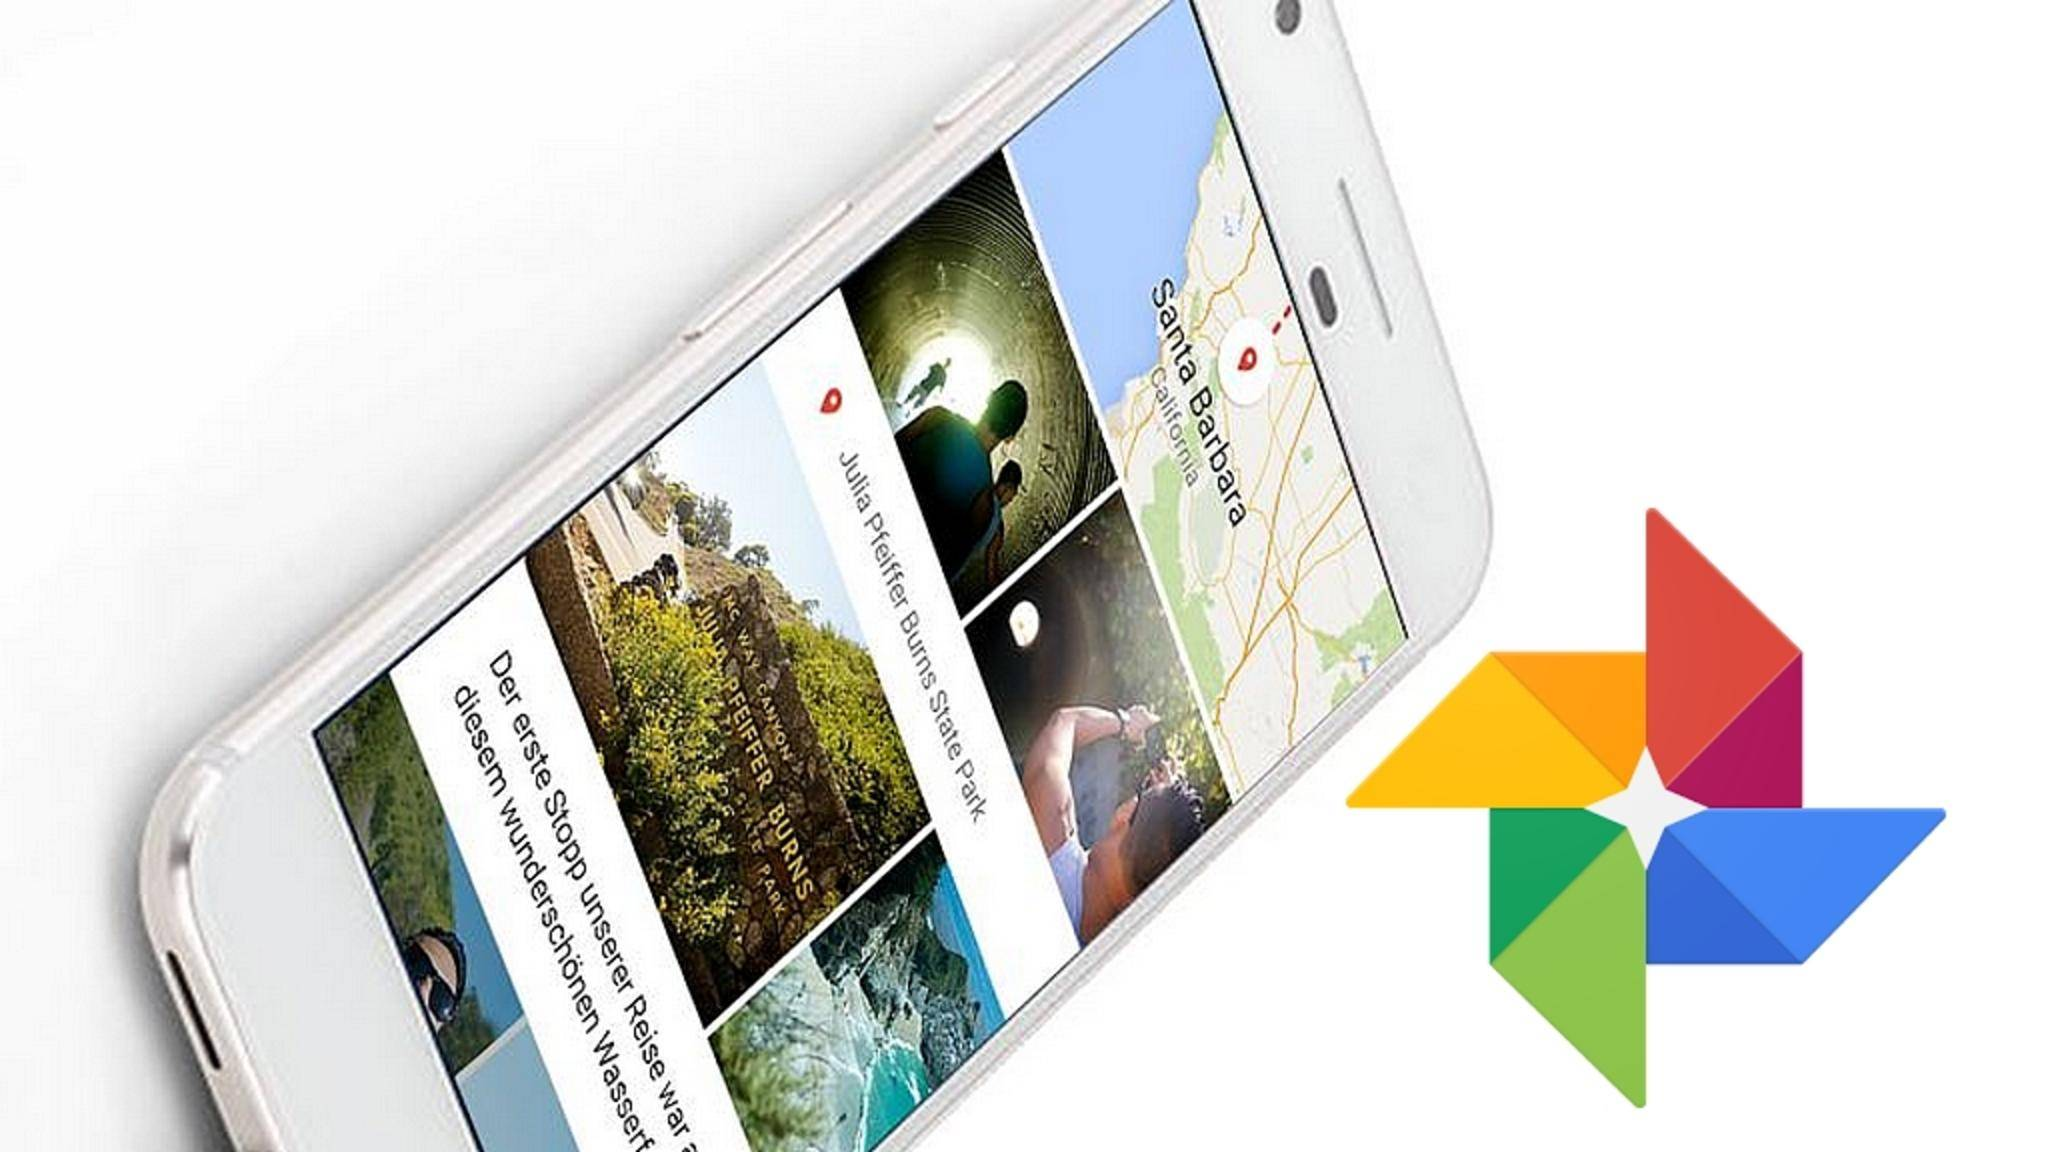 Derzeit können HEIC/HEIF-Fotos unbegrenzt und kostenlos in Google Foto gespeichert werden.